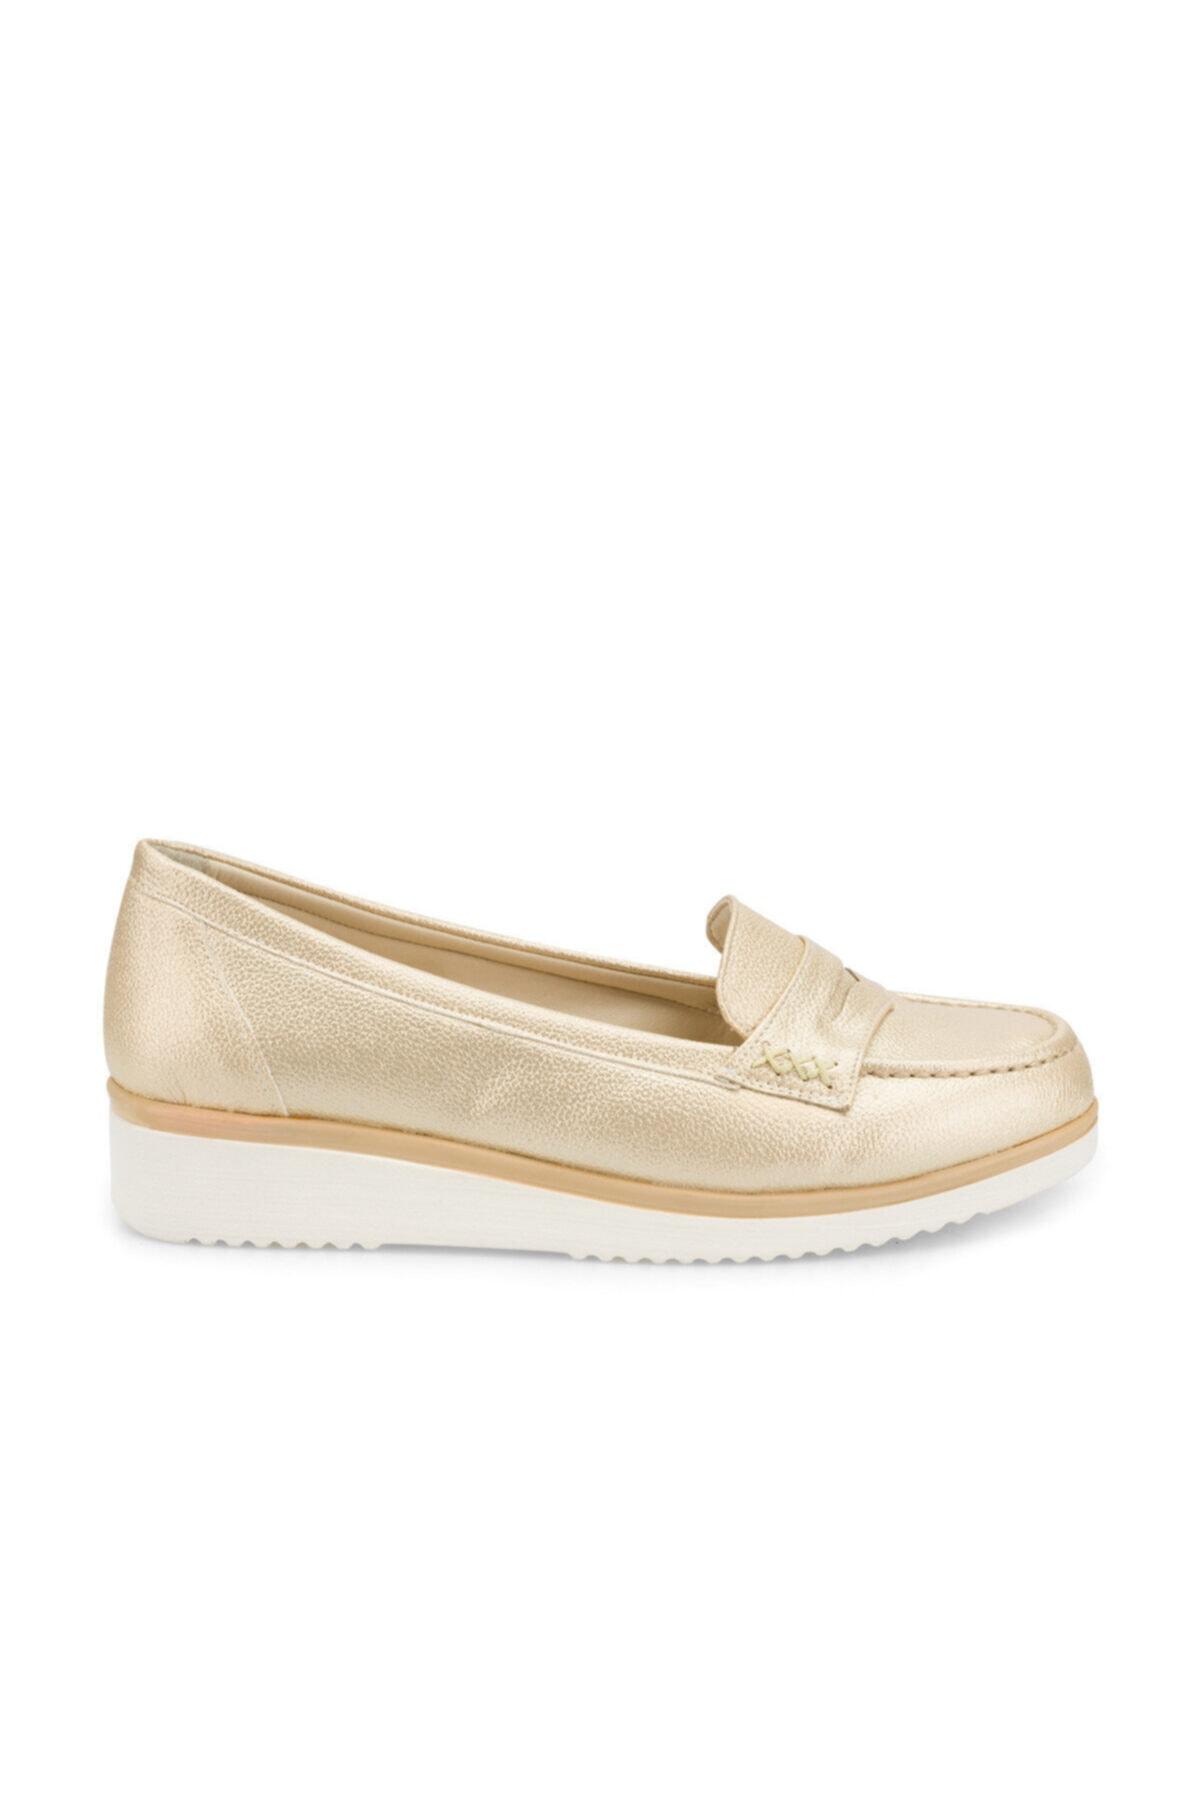 Polaris 161100.Z Altın Kadın Loafer Ayakkabı 100509239 2